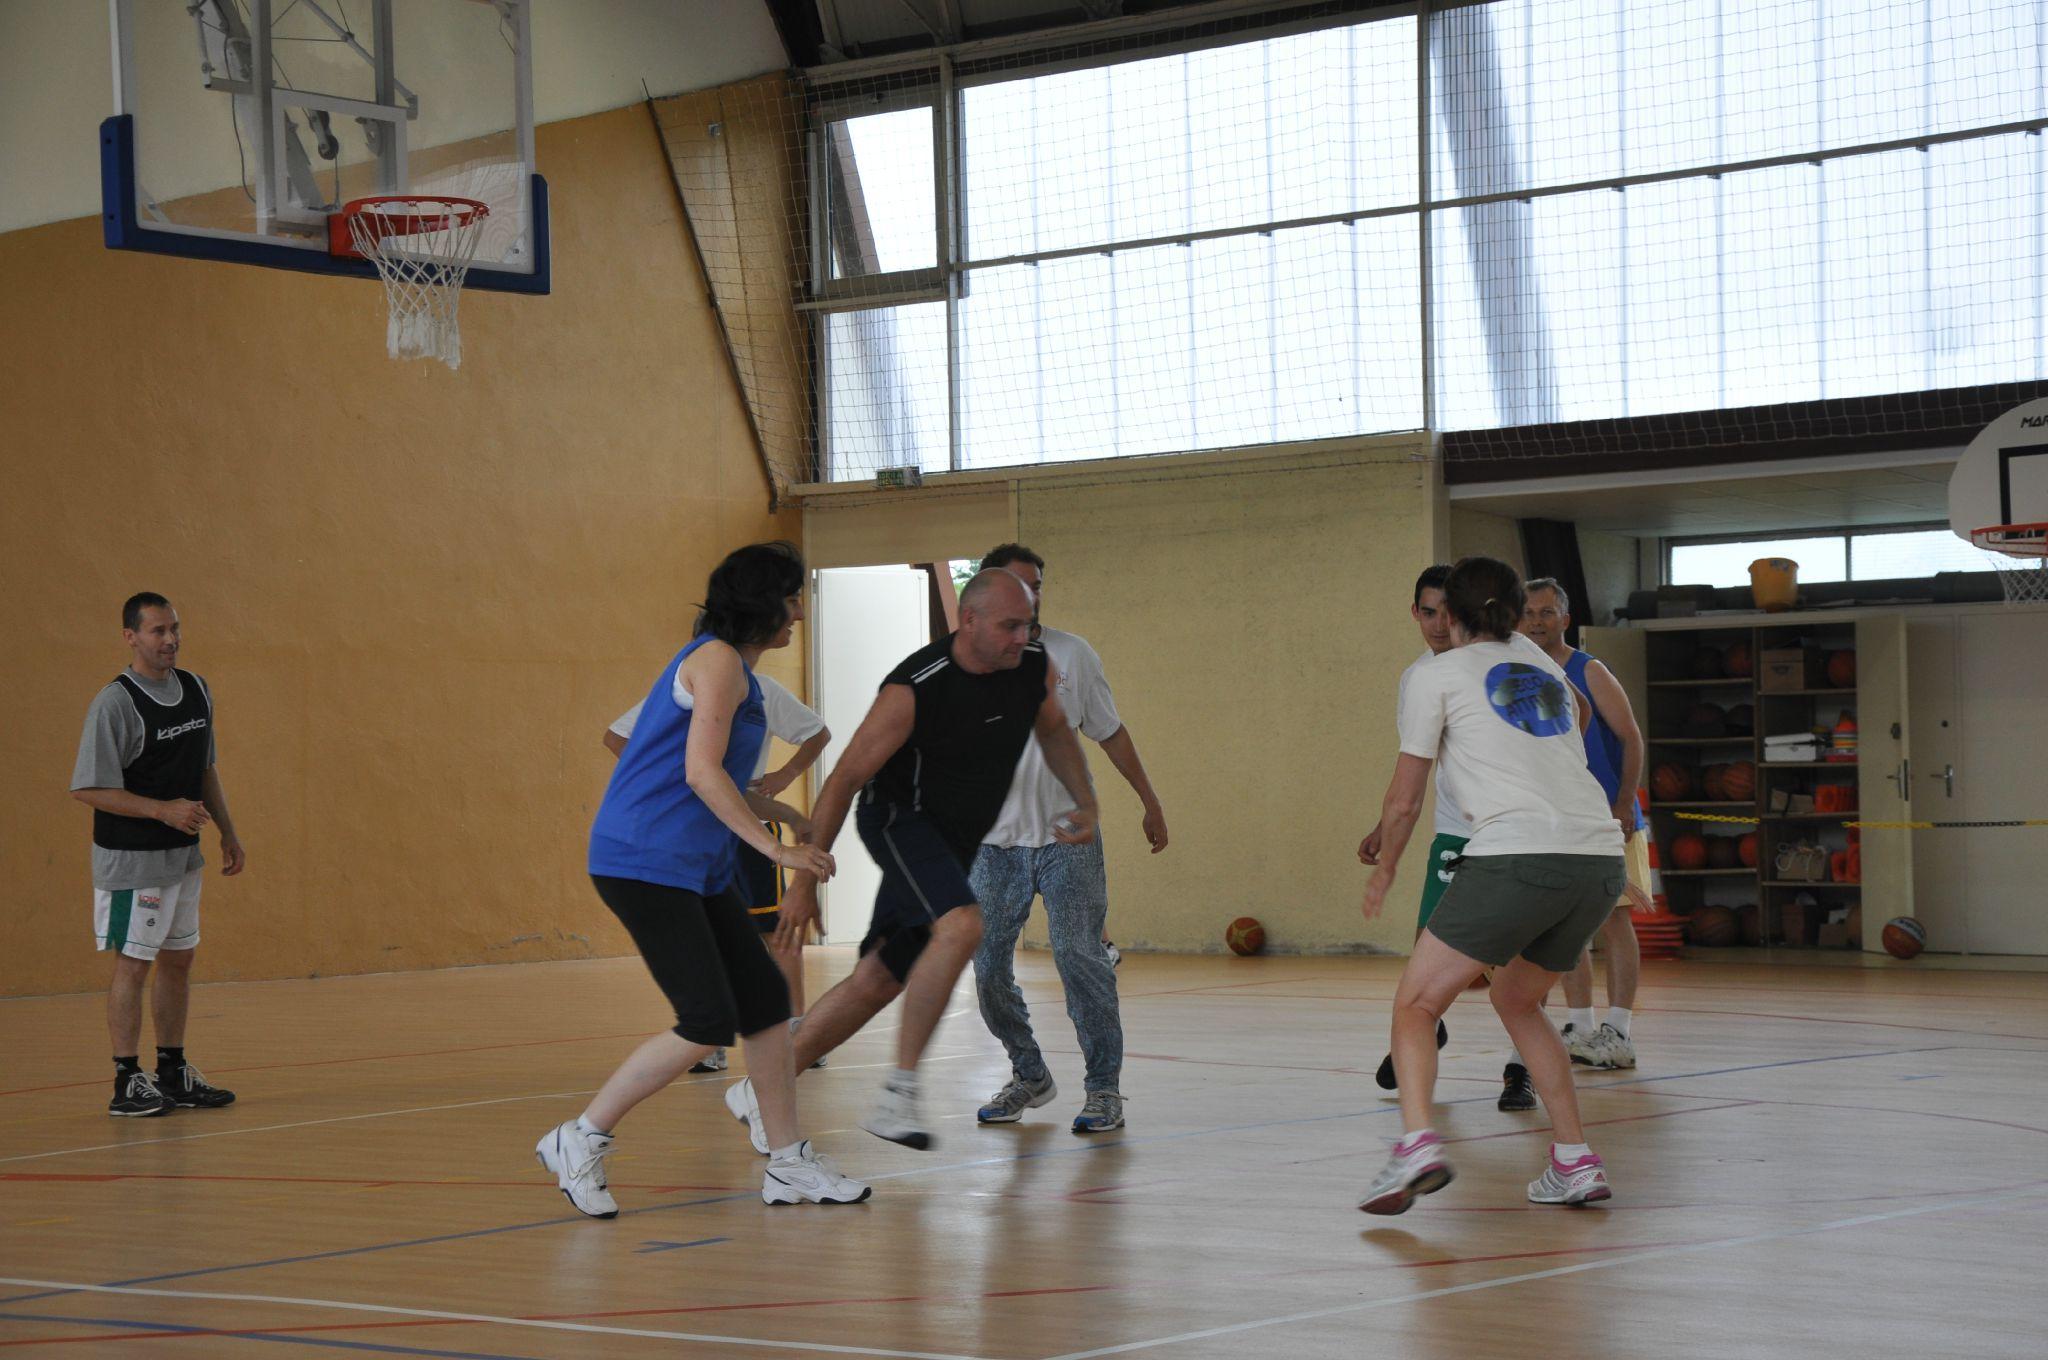 Tournoi Parents Enfants 2012 (61)